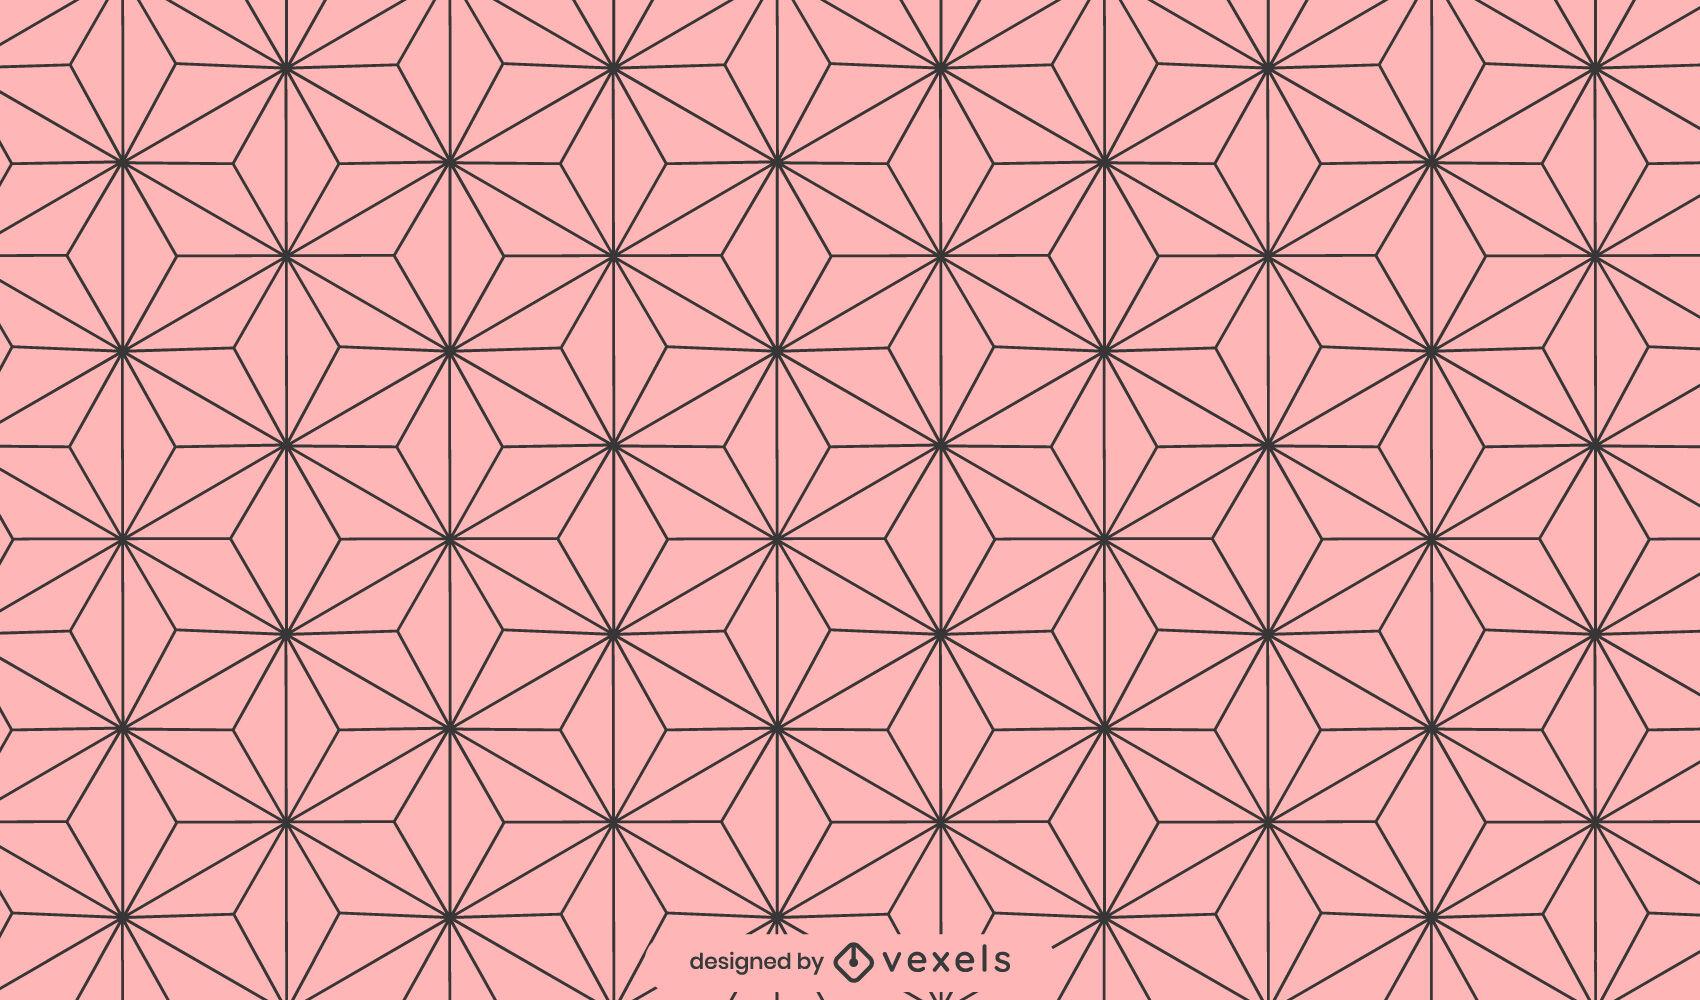 Asanoha deixa o desenho do padrão geométrico